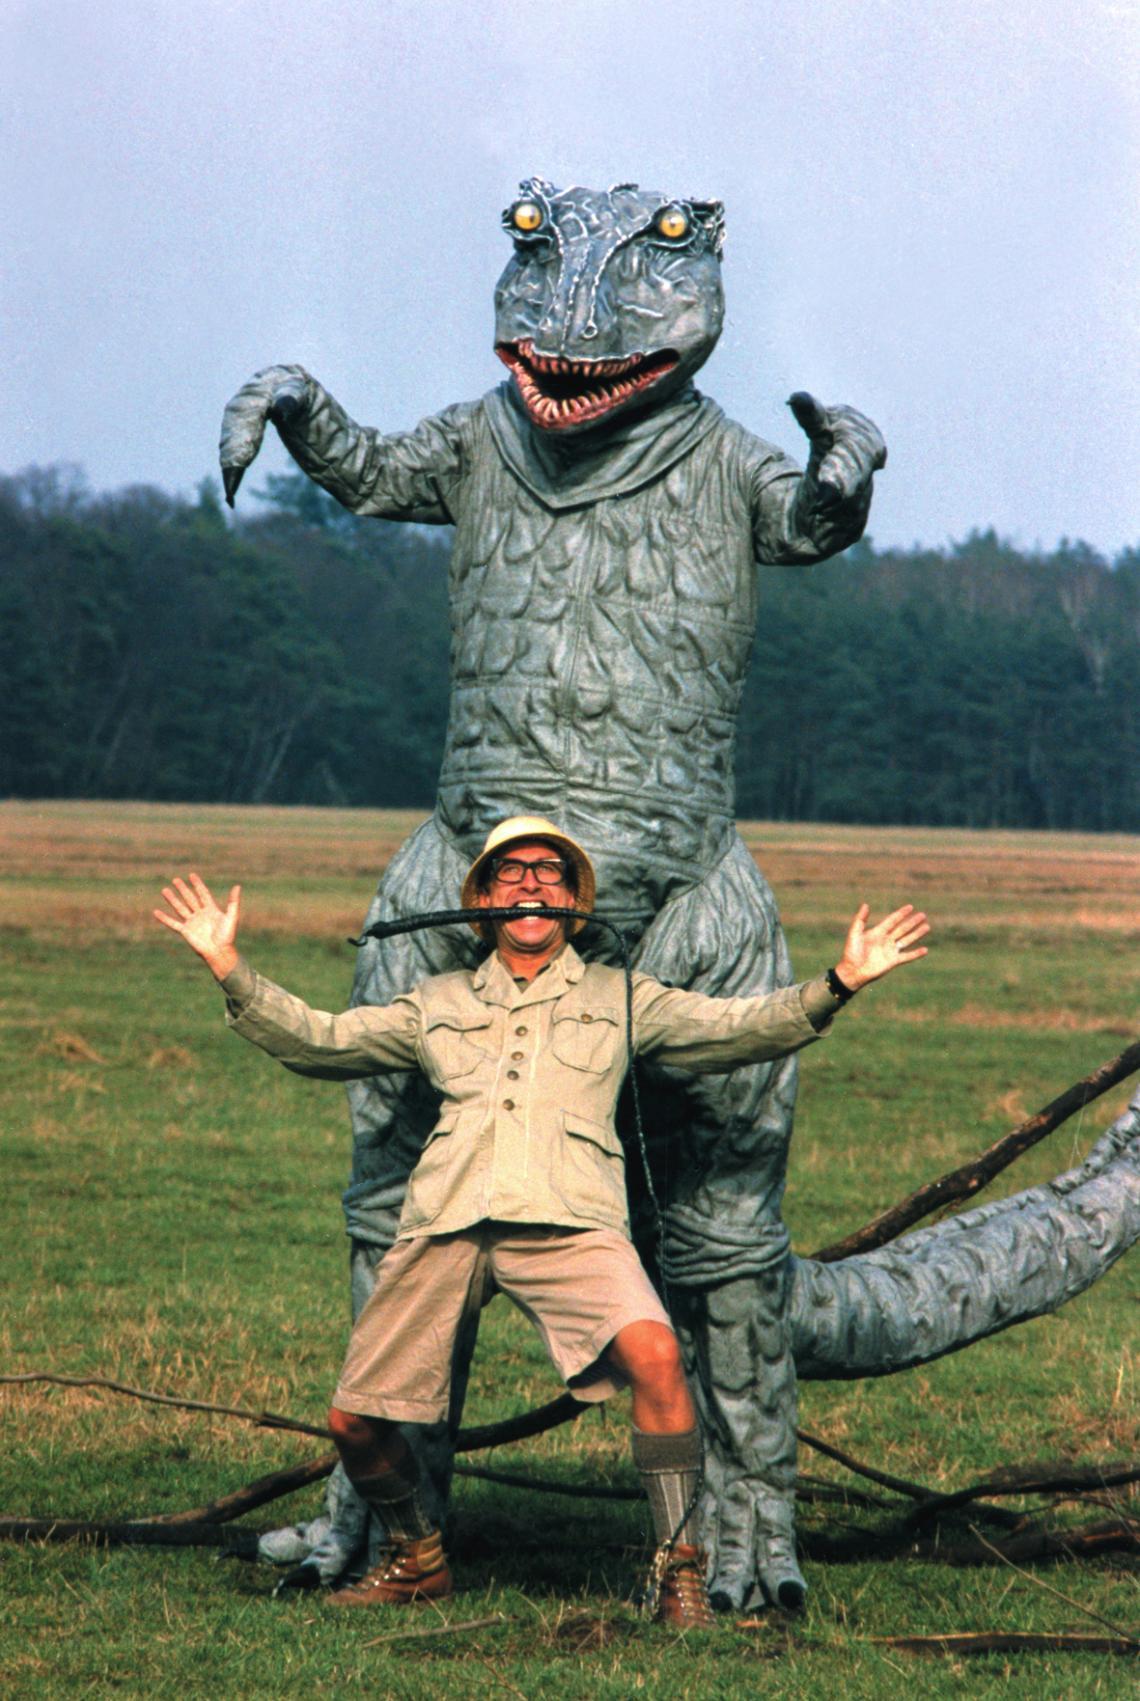 """PICO BELLO's """"Dino & Saurus"""" - das urzeitliche Stelzentheater! PICO BELLO's """"Dino & Saurus"""" - das urzeitliche Stelzentheater! Diese aussergewöhnliche Begegnung mit 2 über 4m grossen Dinosauriern hat einen riesen grossen Unterhaltungswert, von dem alle noch lange begeistert reden werden. Bekannt aus Werbung, Film & TV."""